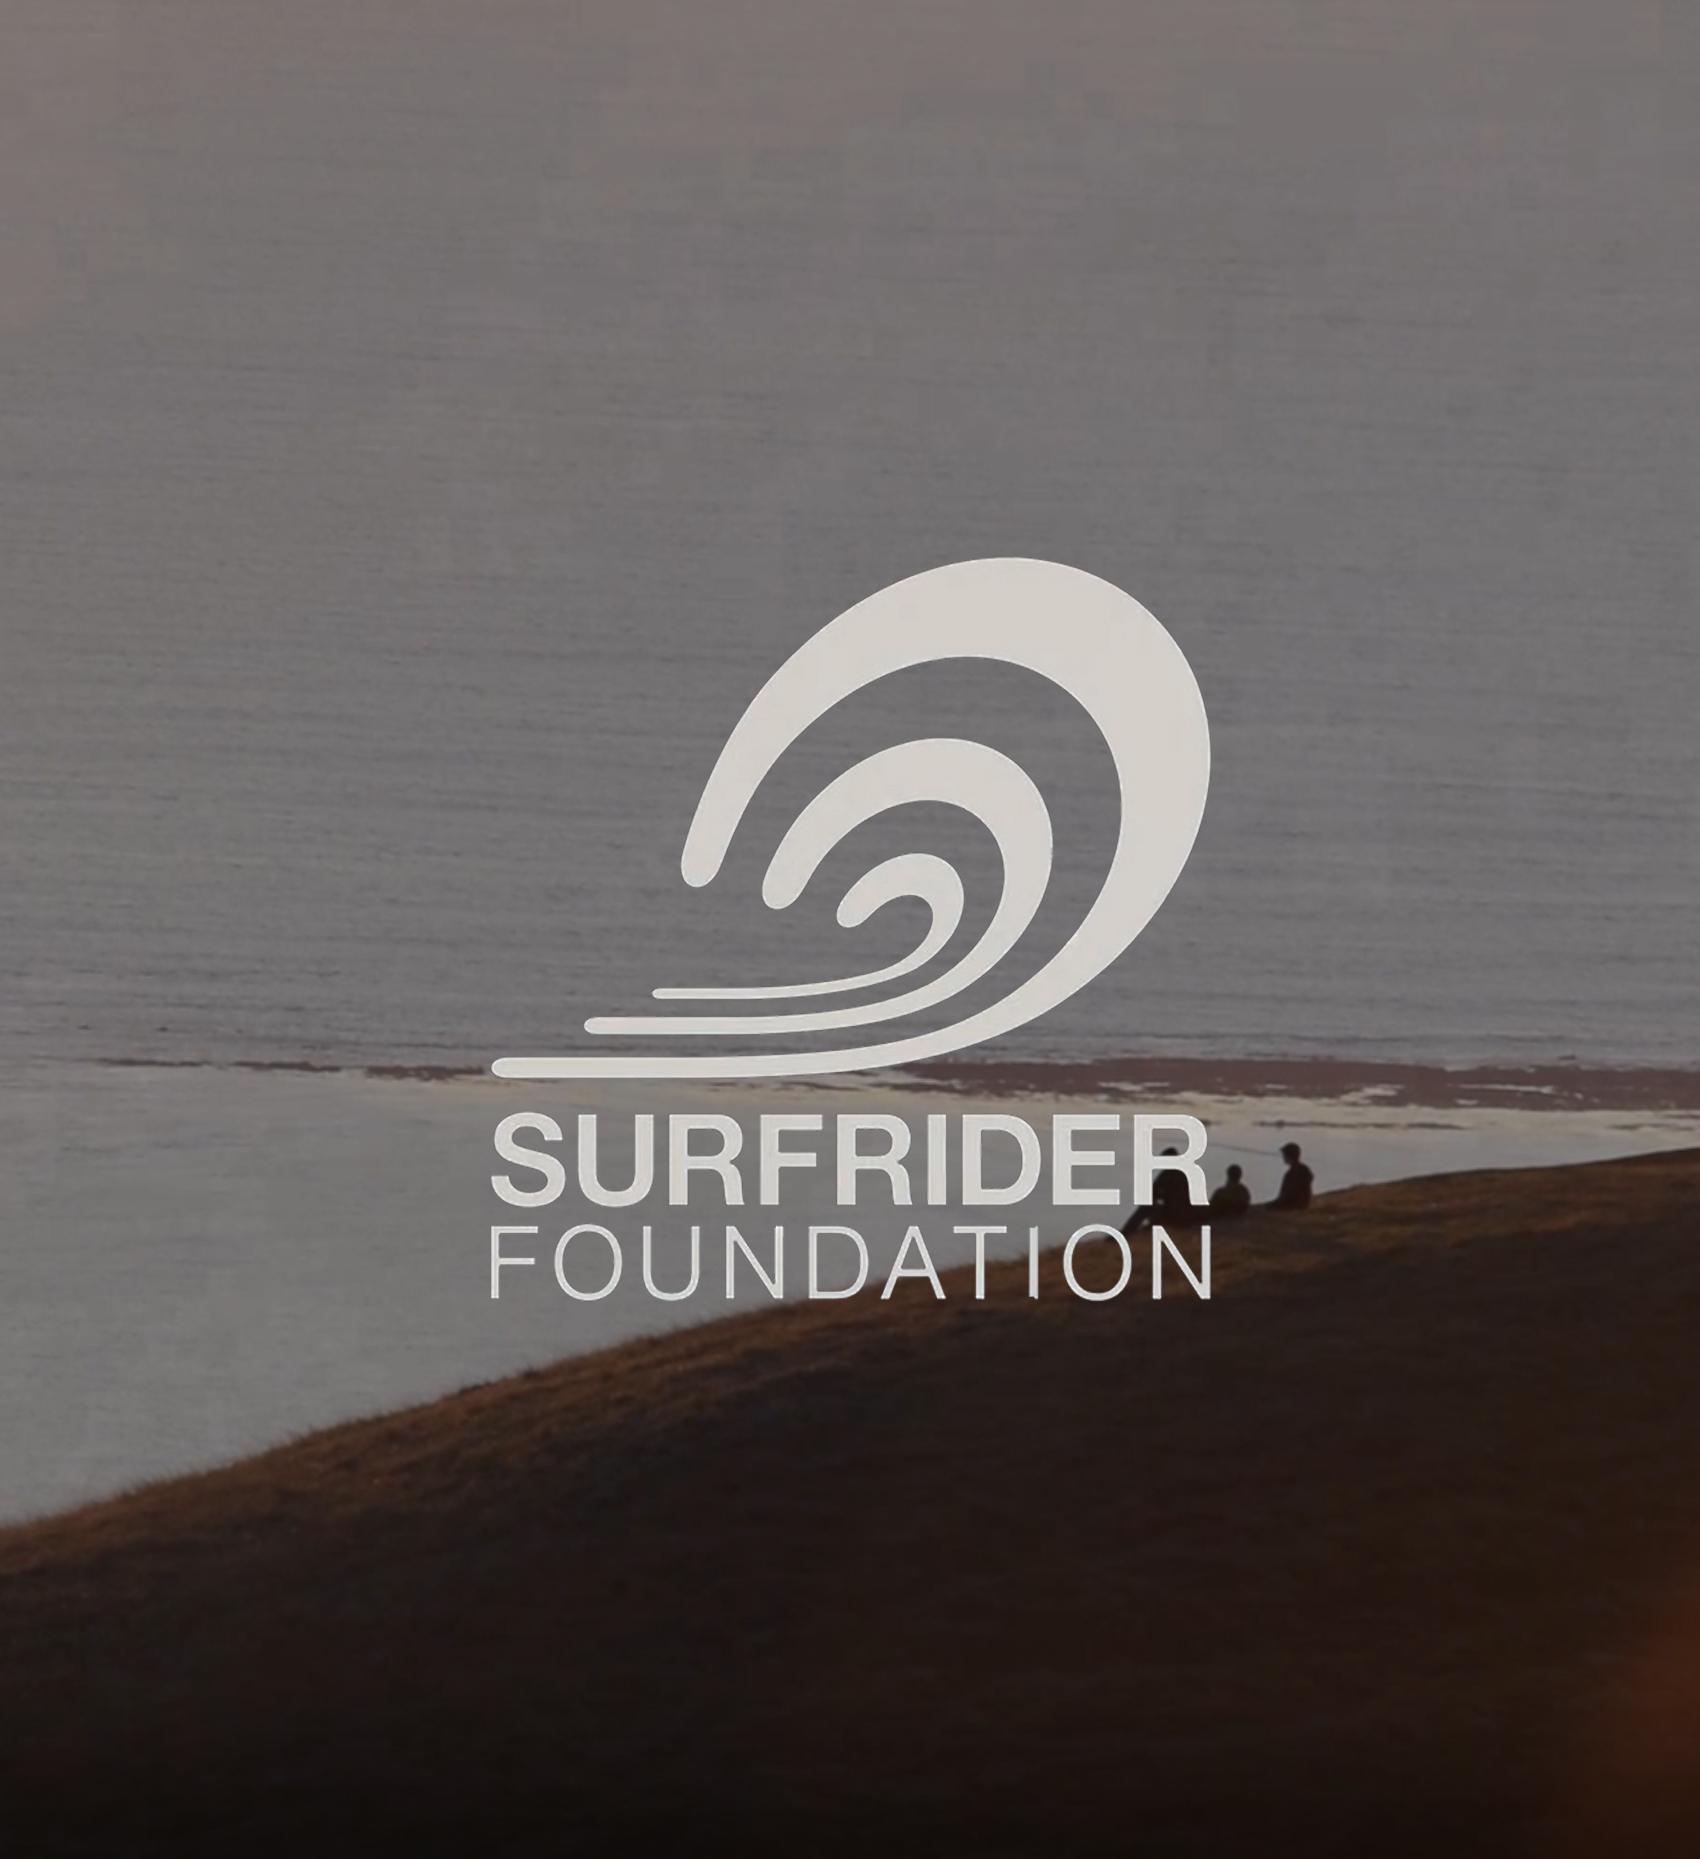 Surfrider .jpg